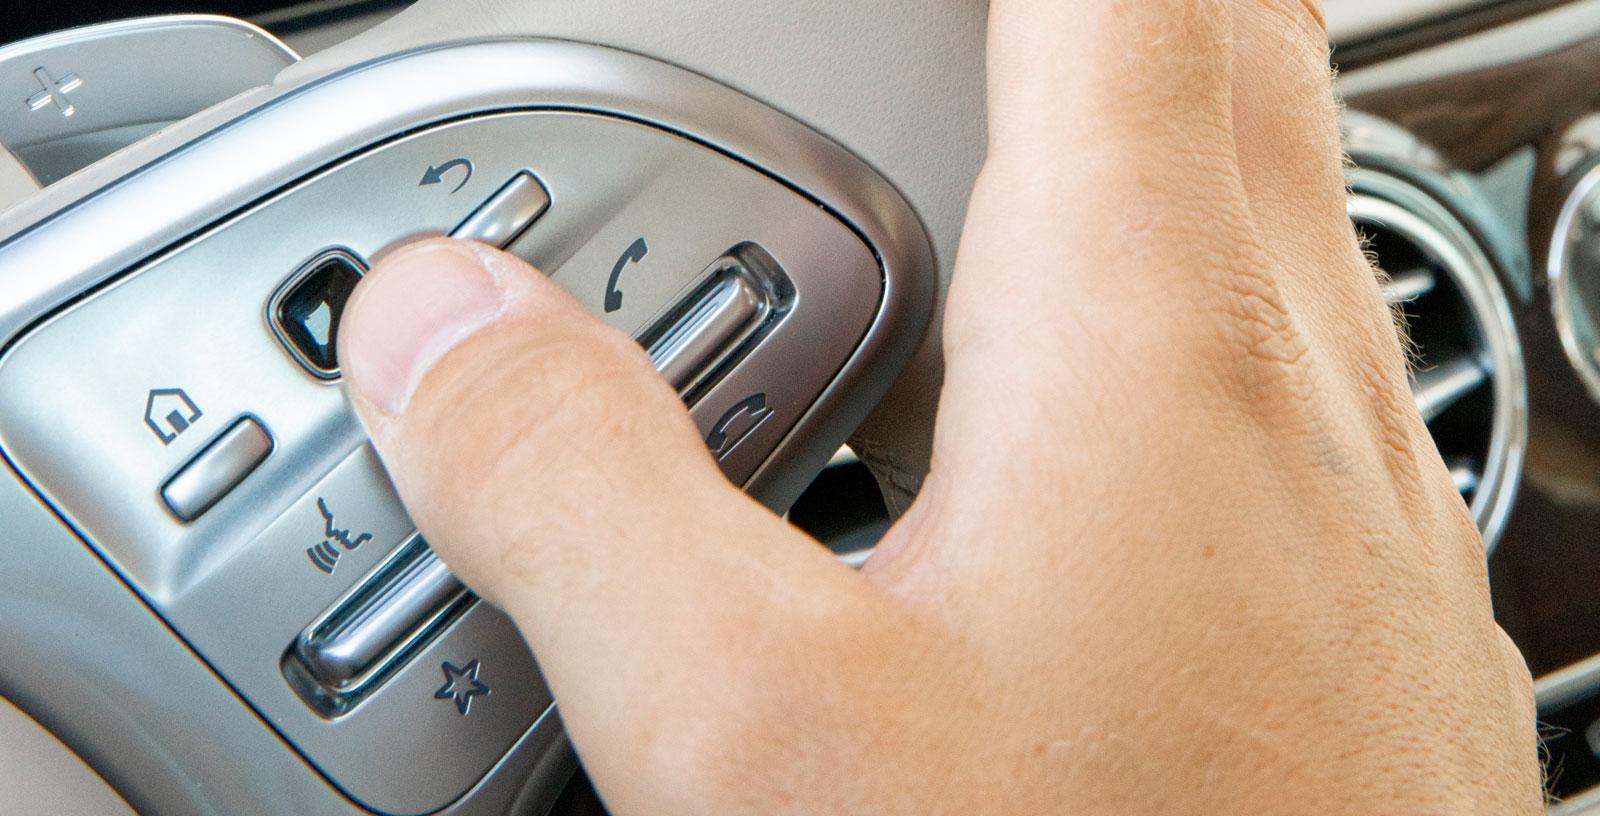 Systemet går även att sköta direkt från ratten, via små pekplattor i rattekrarna.